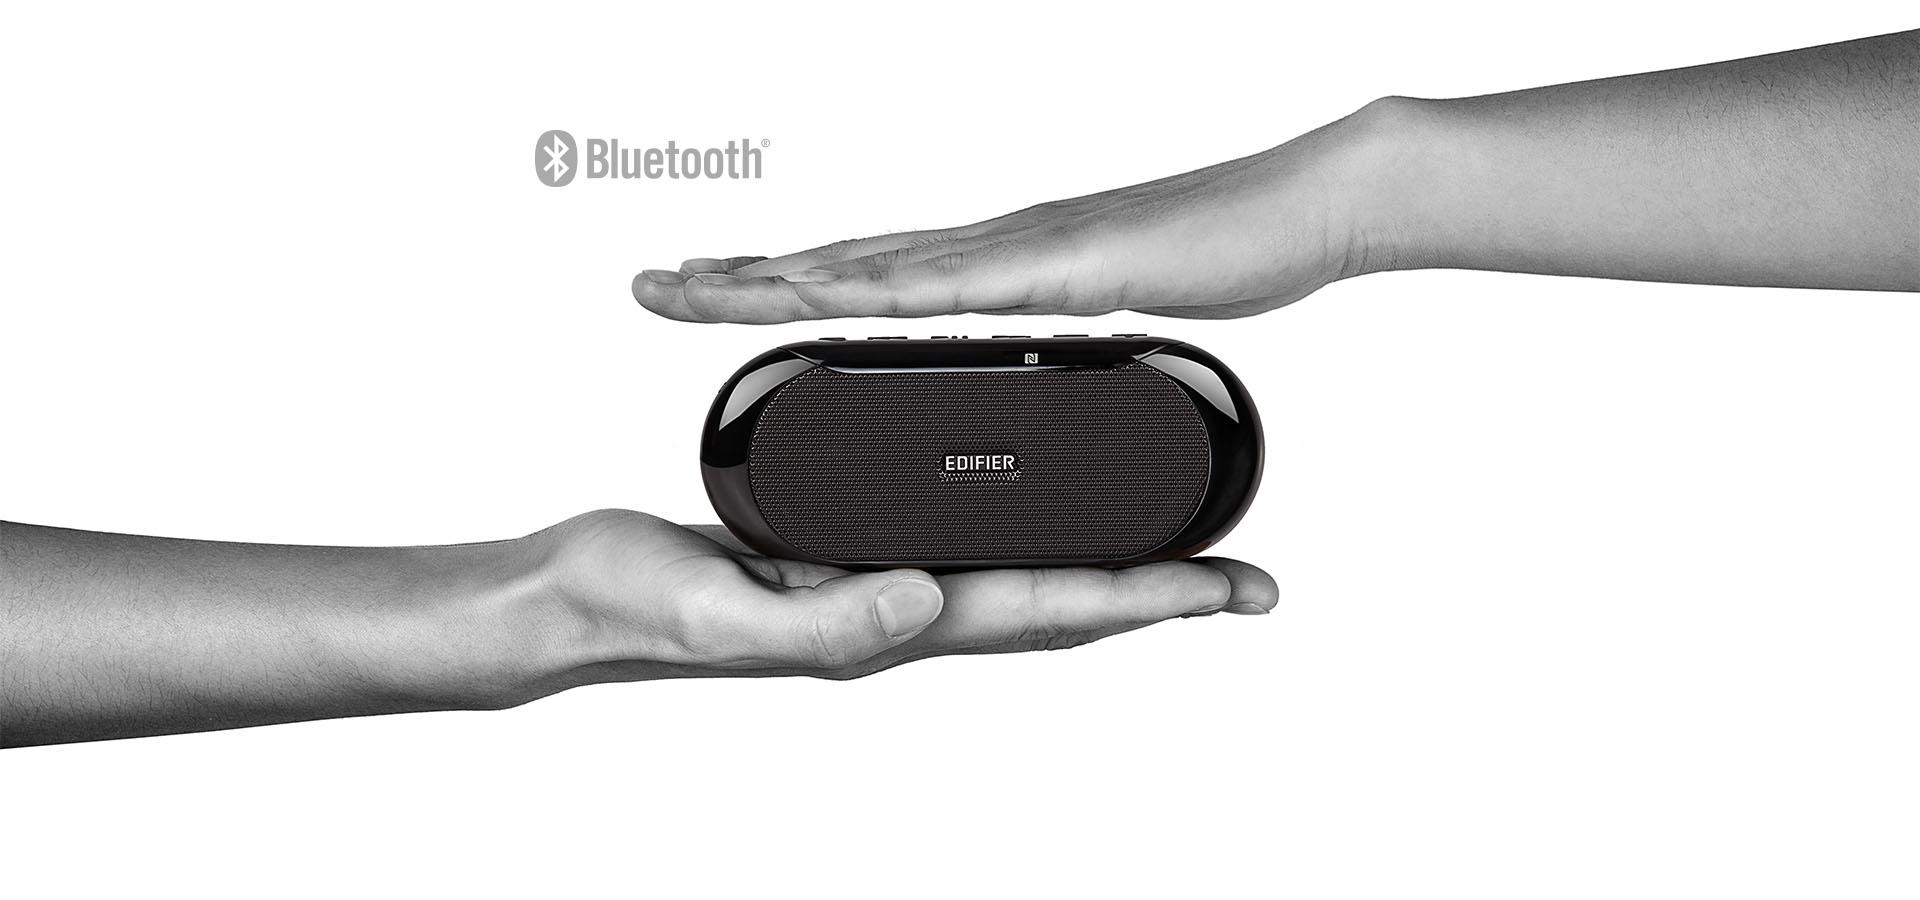 Caixa de Som multimídia Portátil com bluetooth EDIFIER MP211